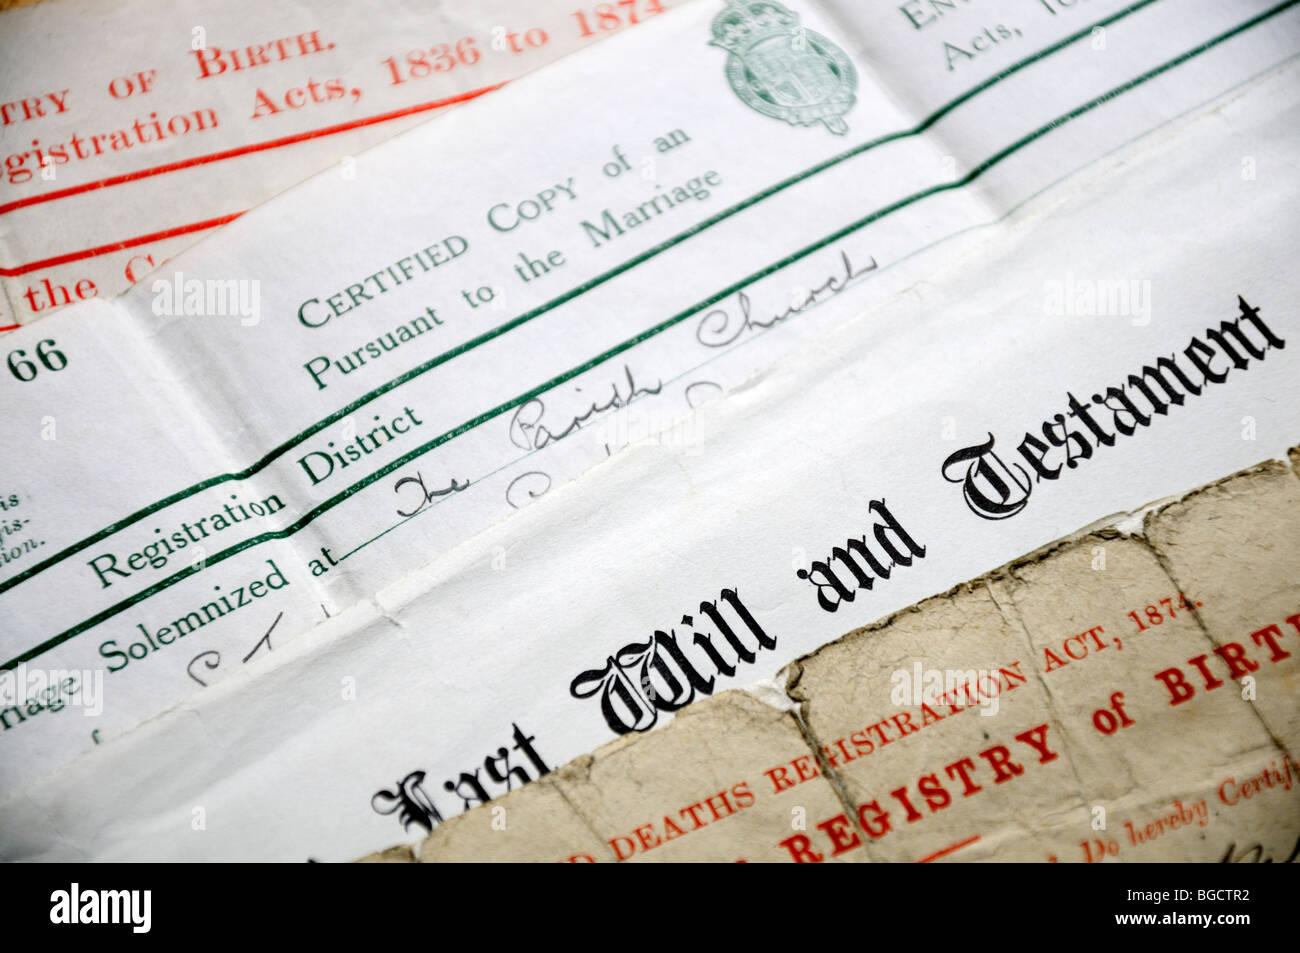 Genealogie-Dokumente - Kopien von Zertifikaten Geburt, Heirat und Tod, und letzten Willen und testament Stockbild